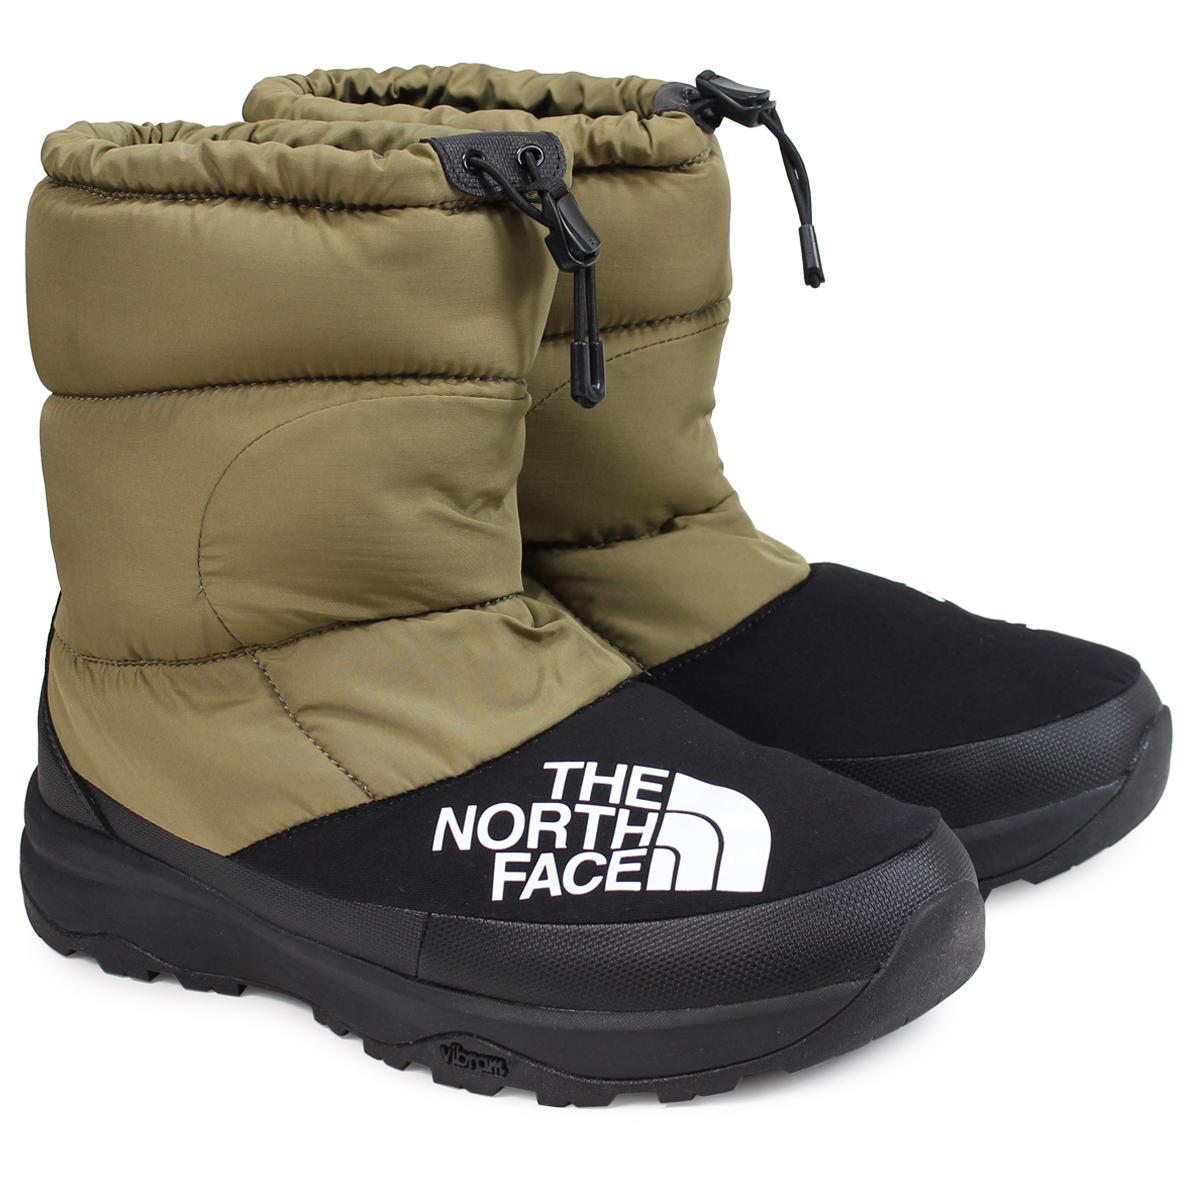 THE NORTH FACE NUPTSE DOWN BOOTIE ノースフェイス ヌプシダウンブーティ ブーツ メンズ カーキ NF51877